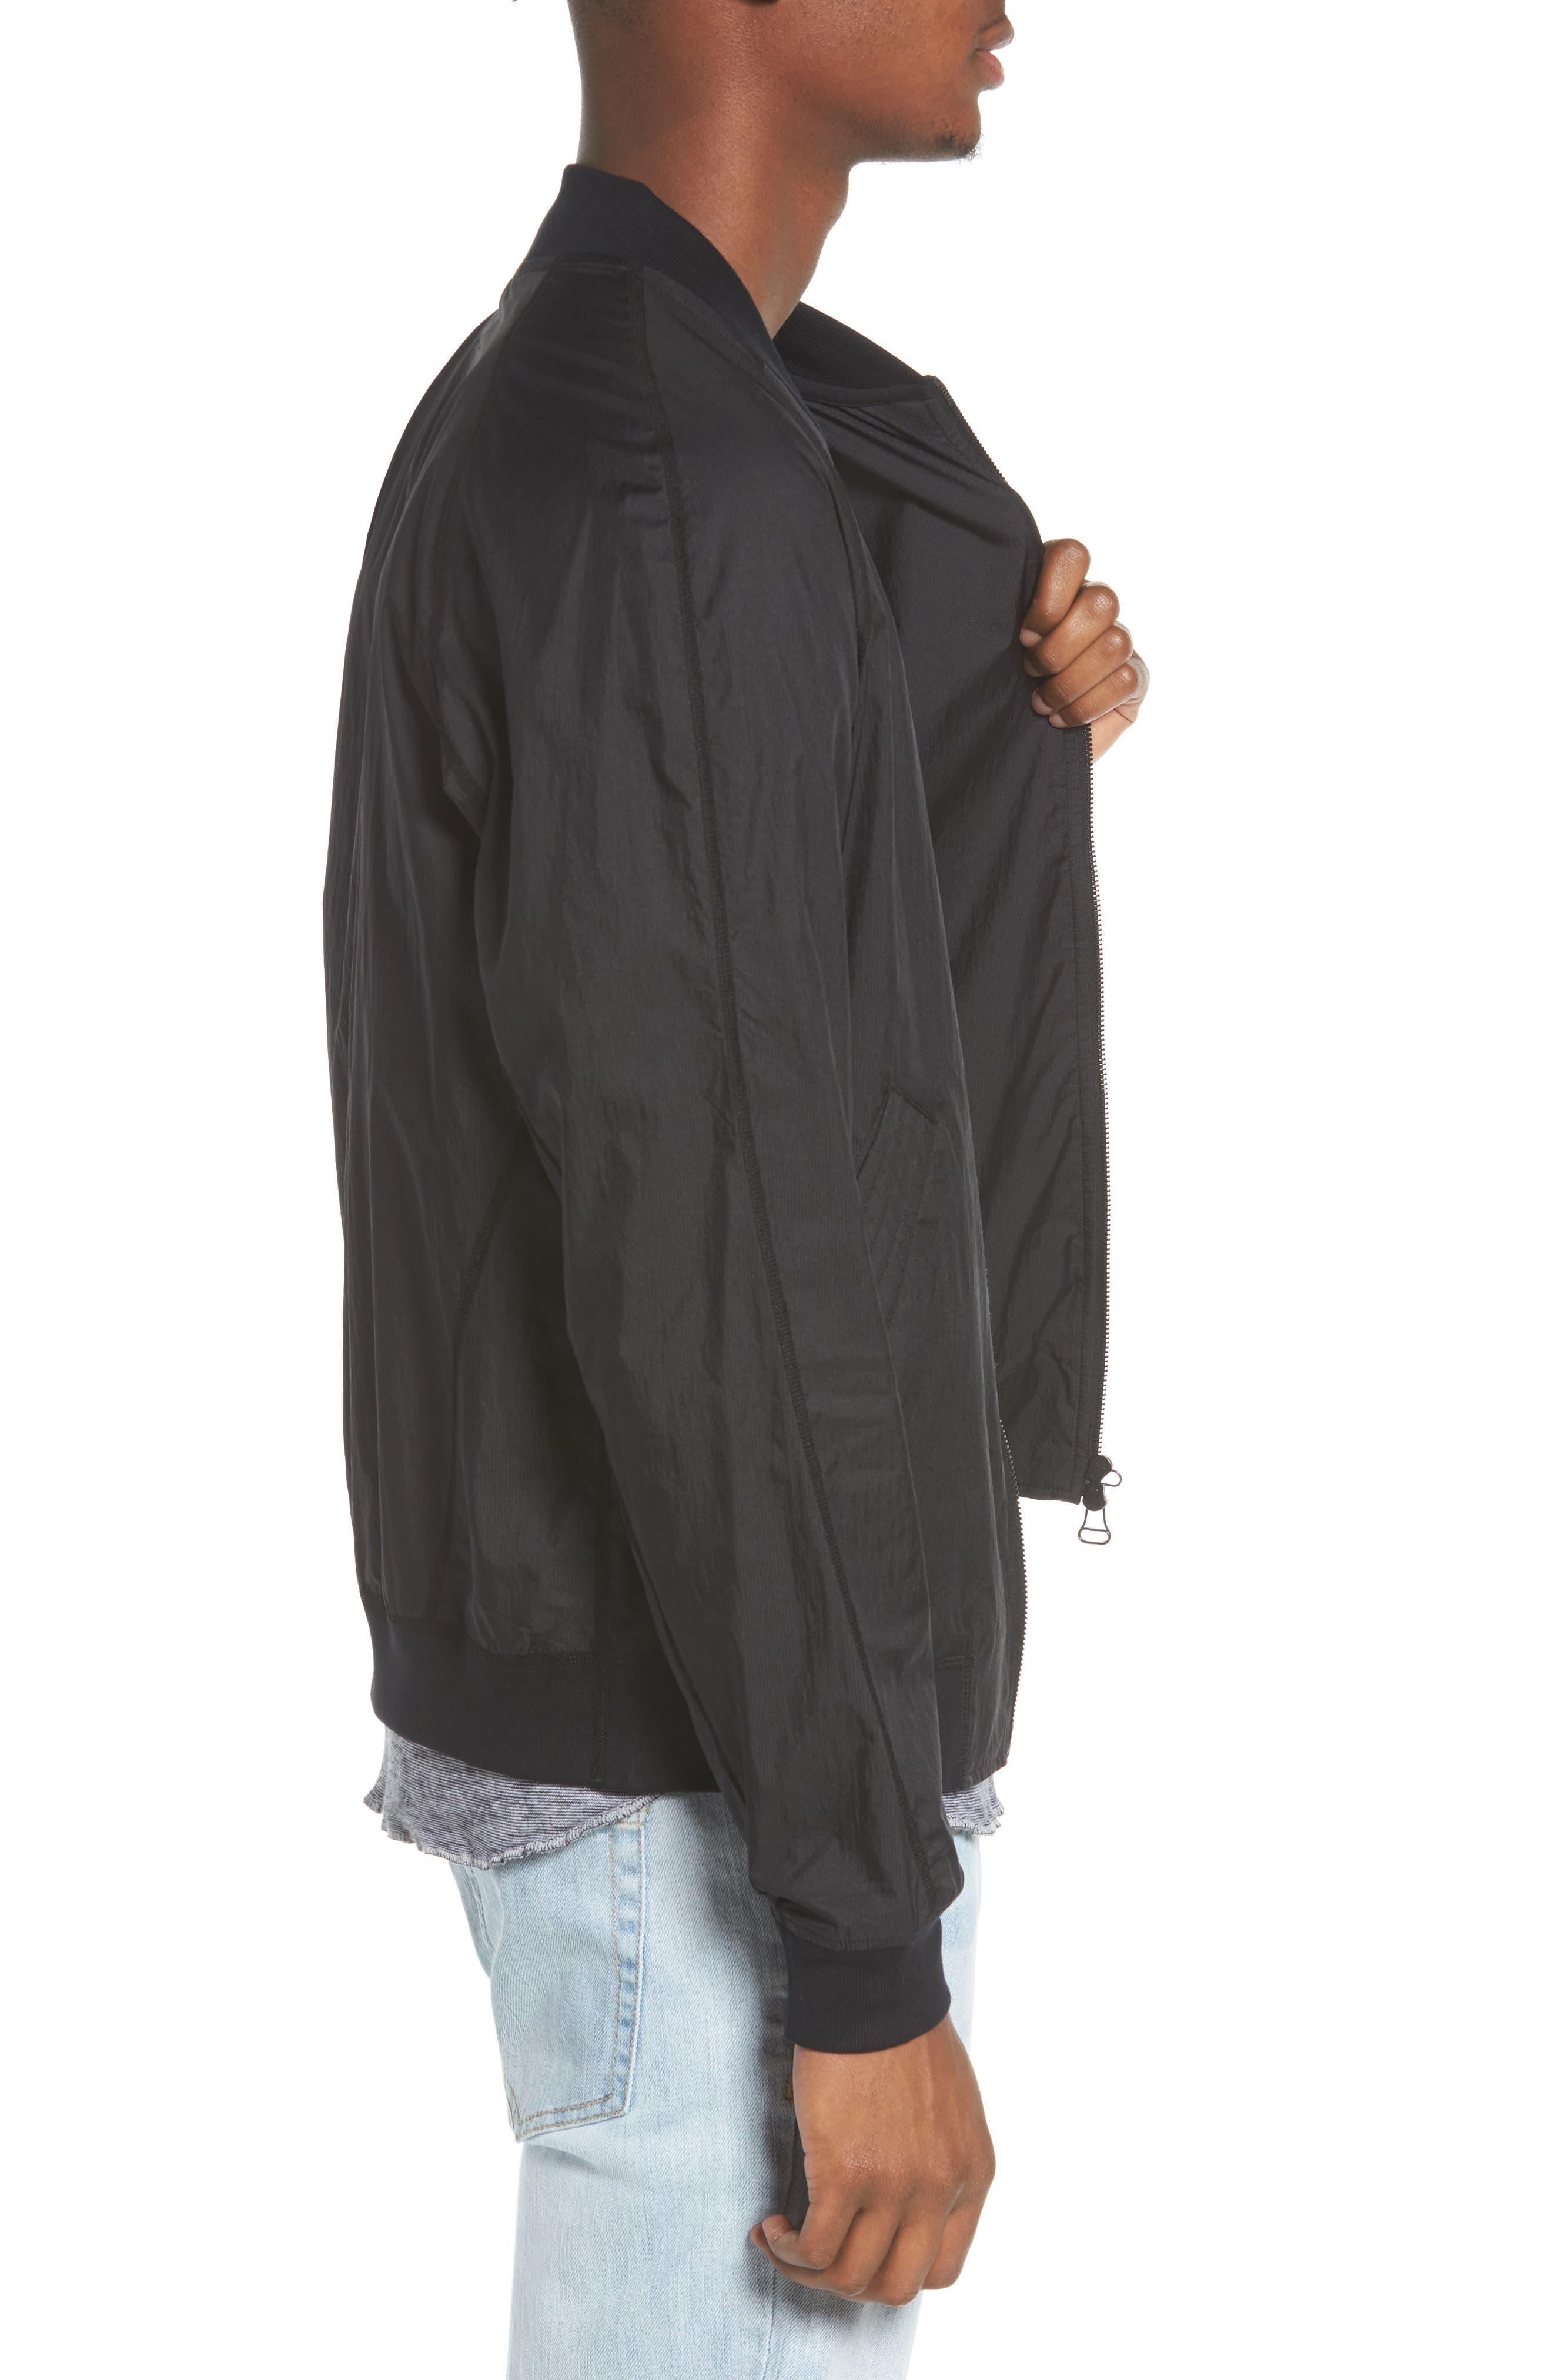 Souvenir Jacket,                             Alternate thumbnail 3, color,                             001